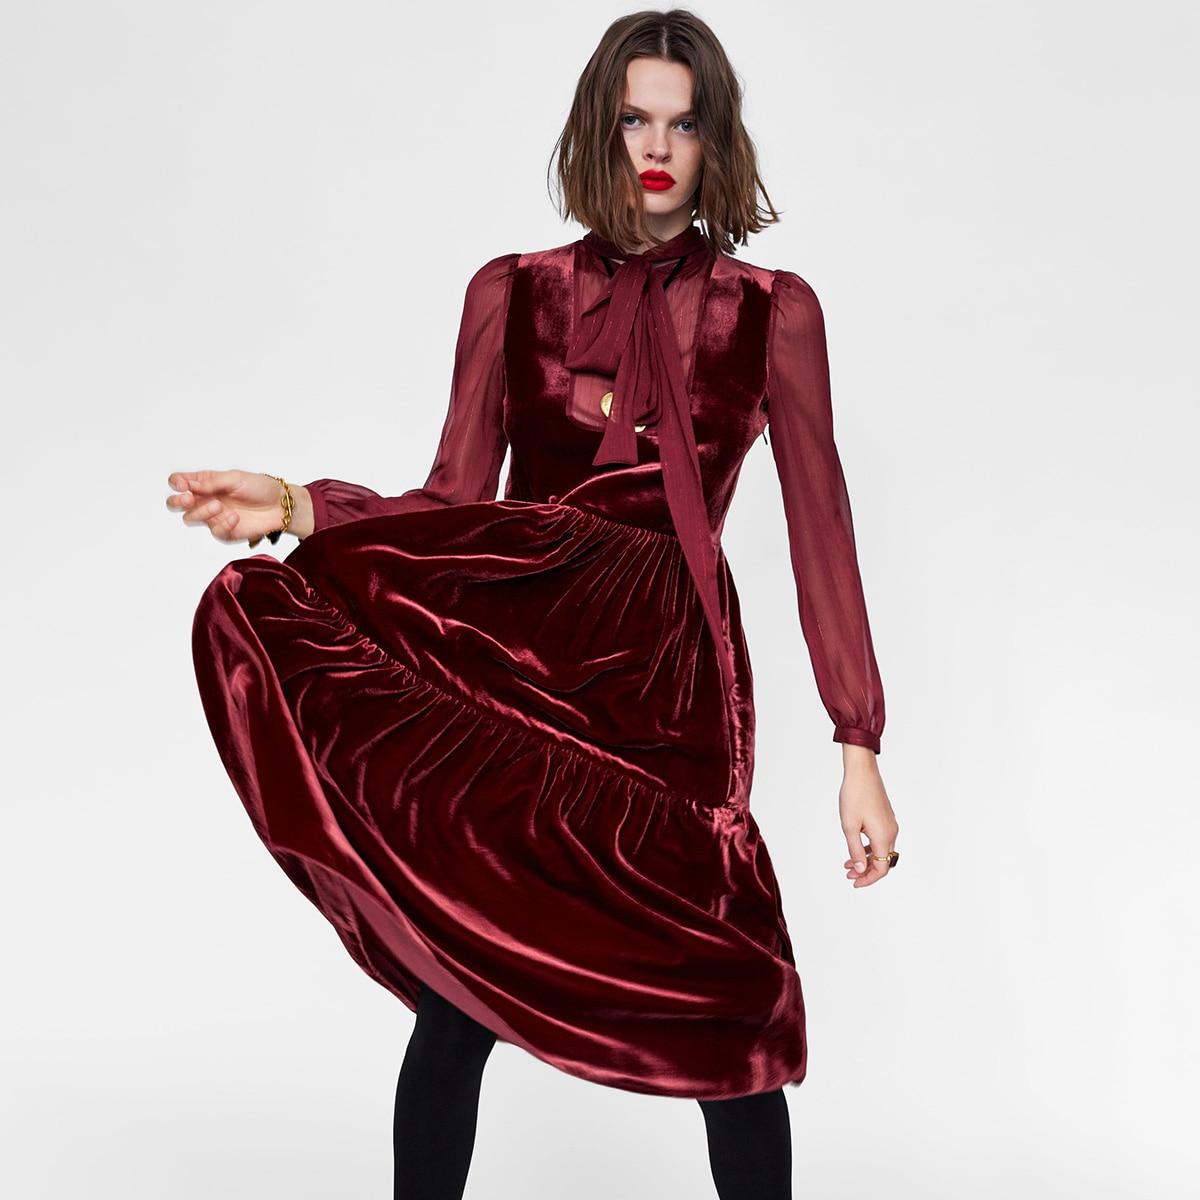 Delle Dell annata Donne Elegante O Vestito Rosso Inverno Manica  Rappezzatura Midi Signore Lungo Borgogna Autunno Della Vestiti Lunga ... f073c8b26c3